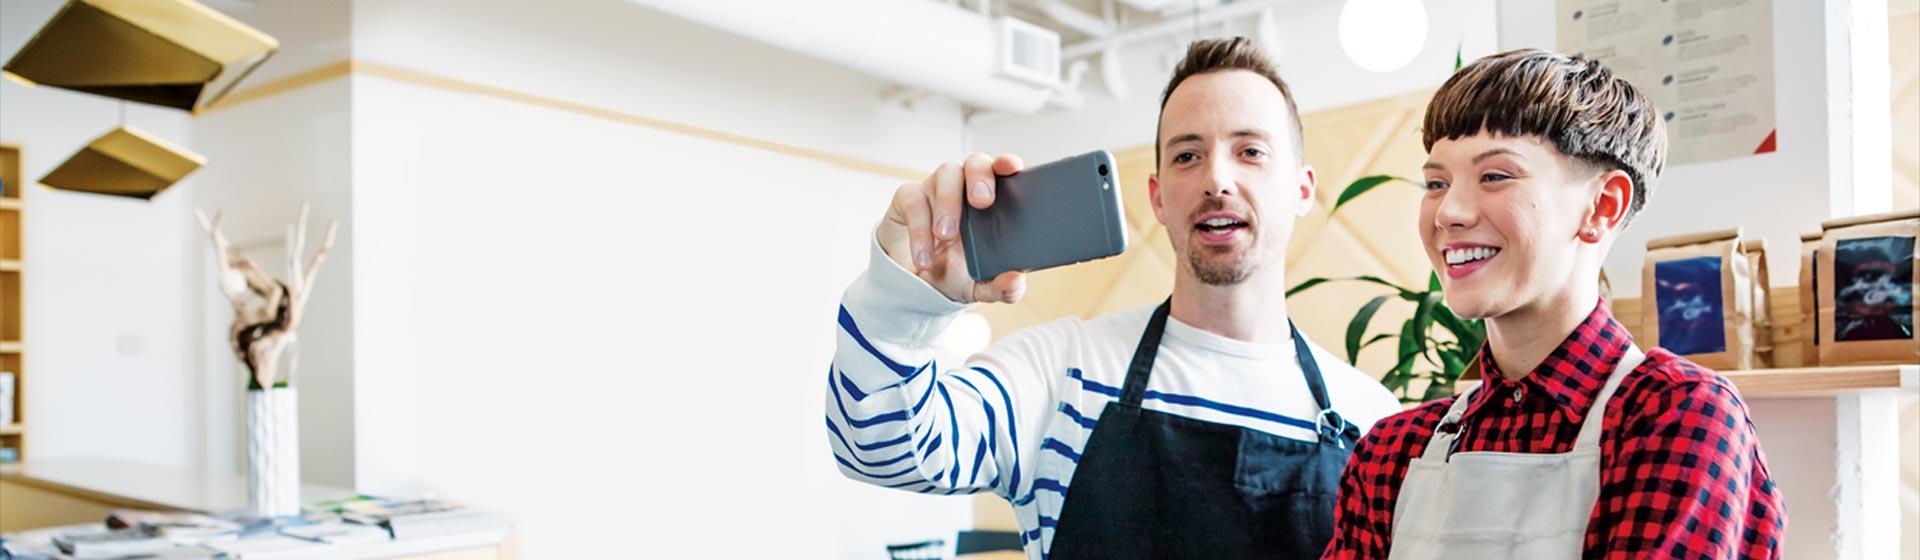 Deux personnes souriantes en train de regarder un smartphone utilisant le service PSTN Calling dans Skype Entreprise